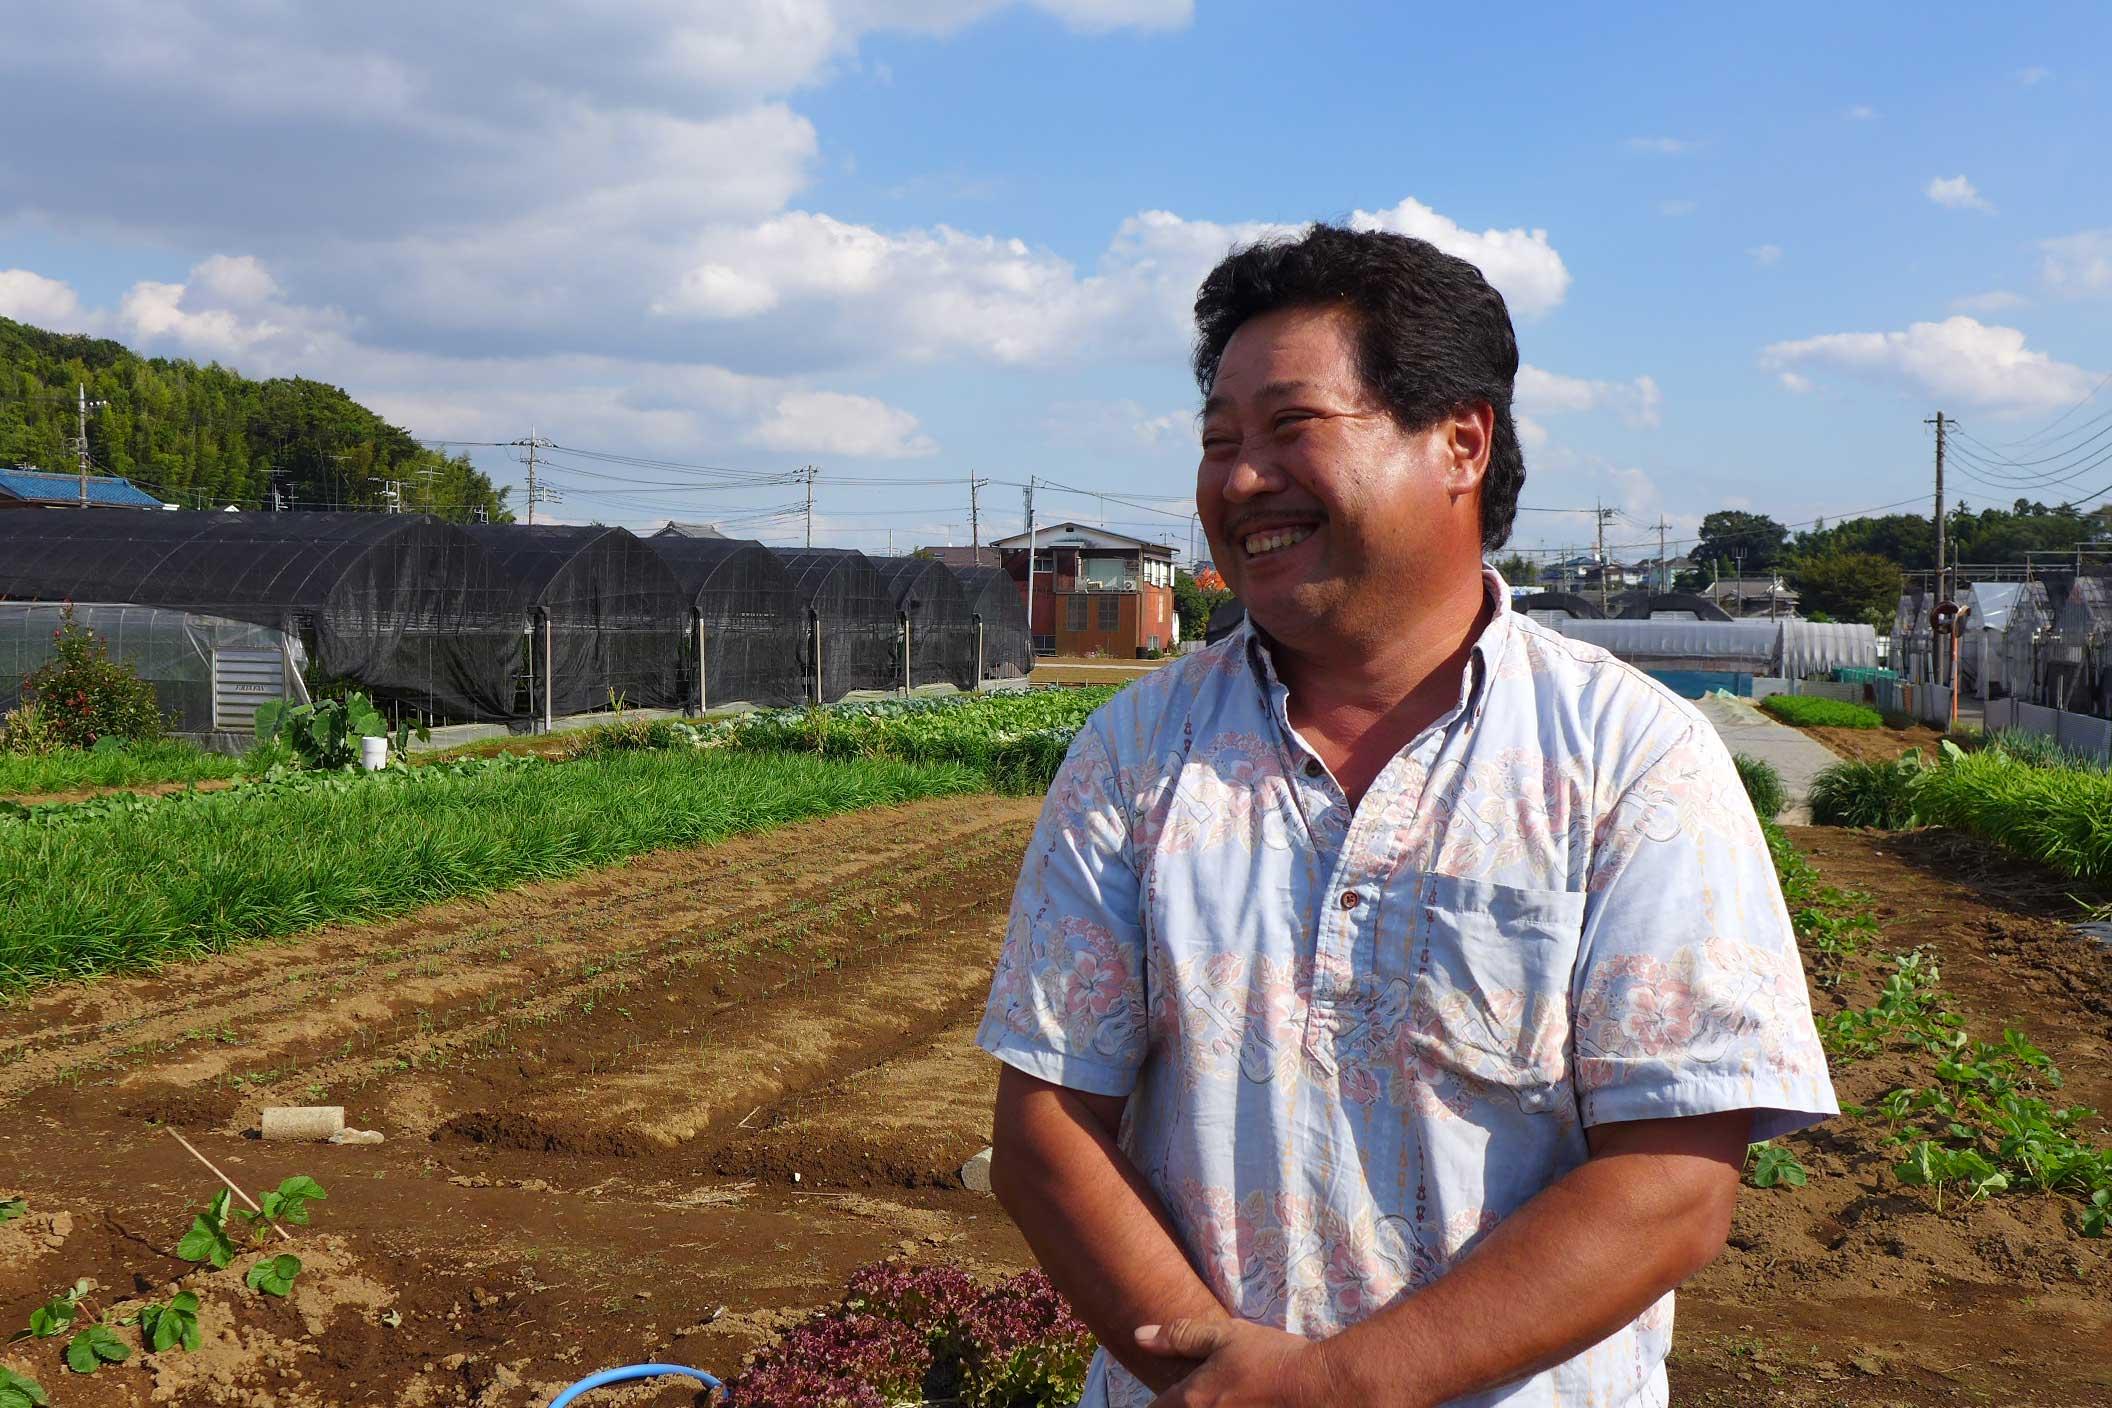 「土作りと堆肥に徹底的にこだわる」 加藤農園 – 加藤 之弘さん